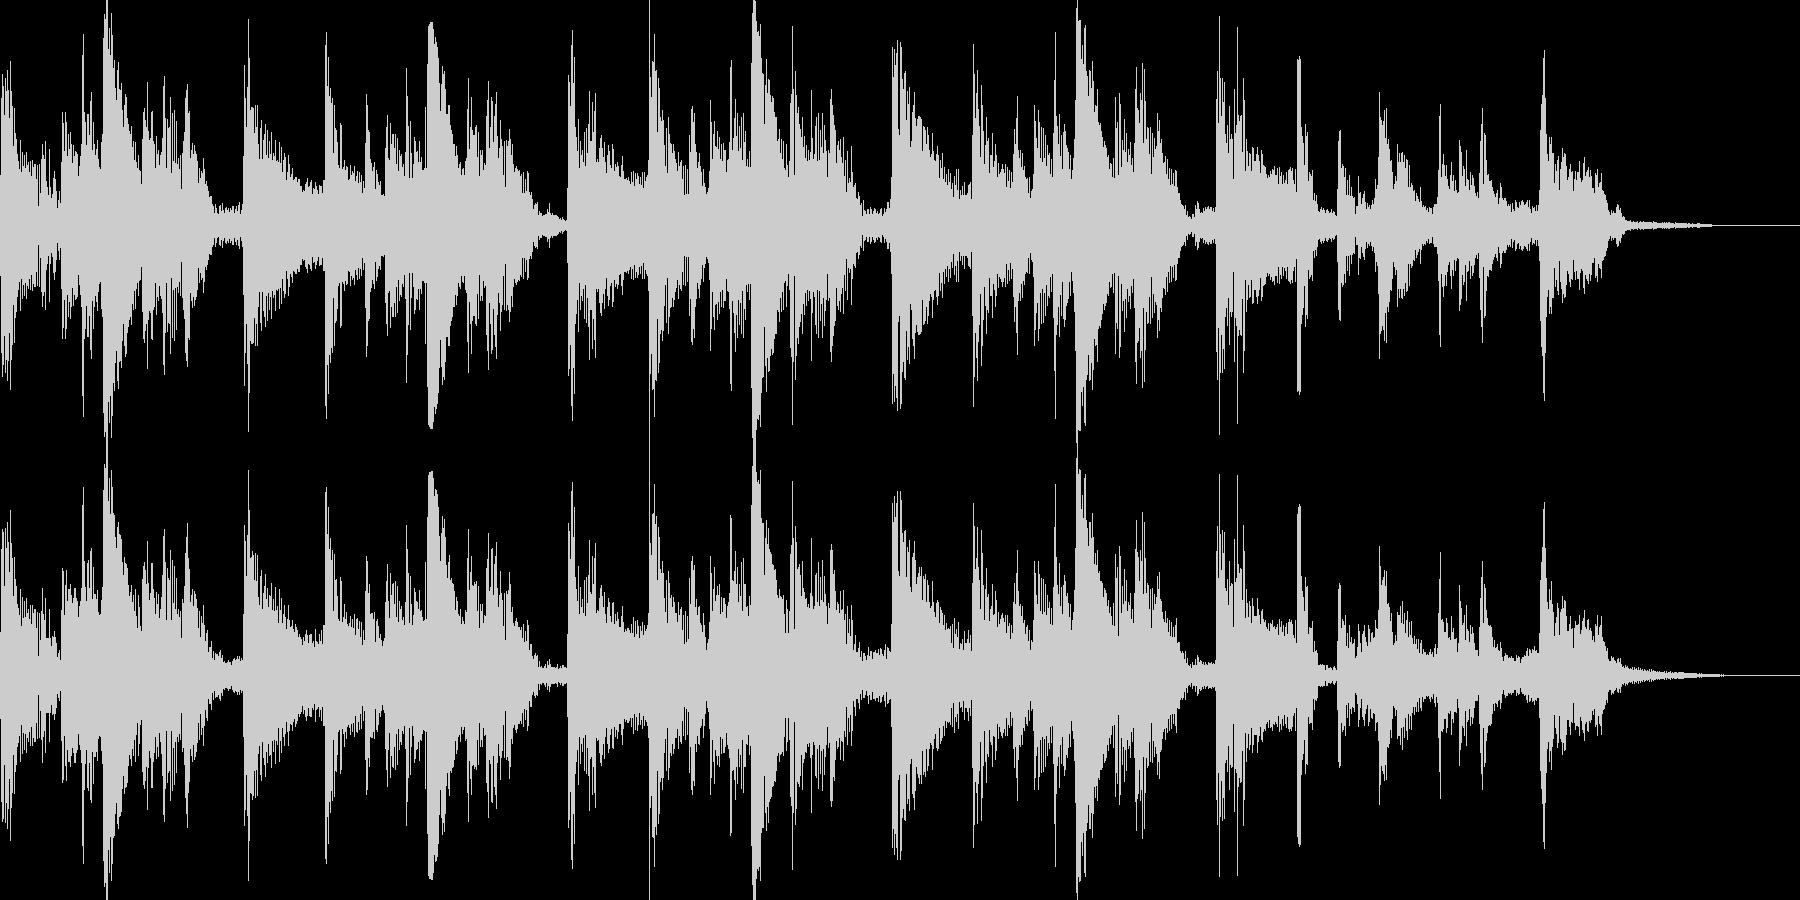 アコギが奏でるBGMの未再生の波形